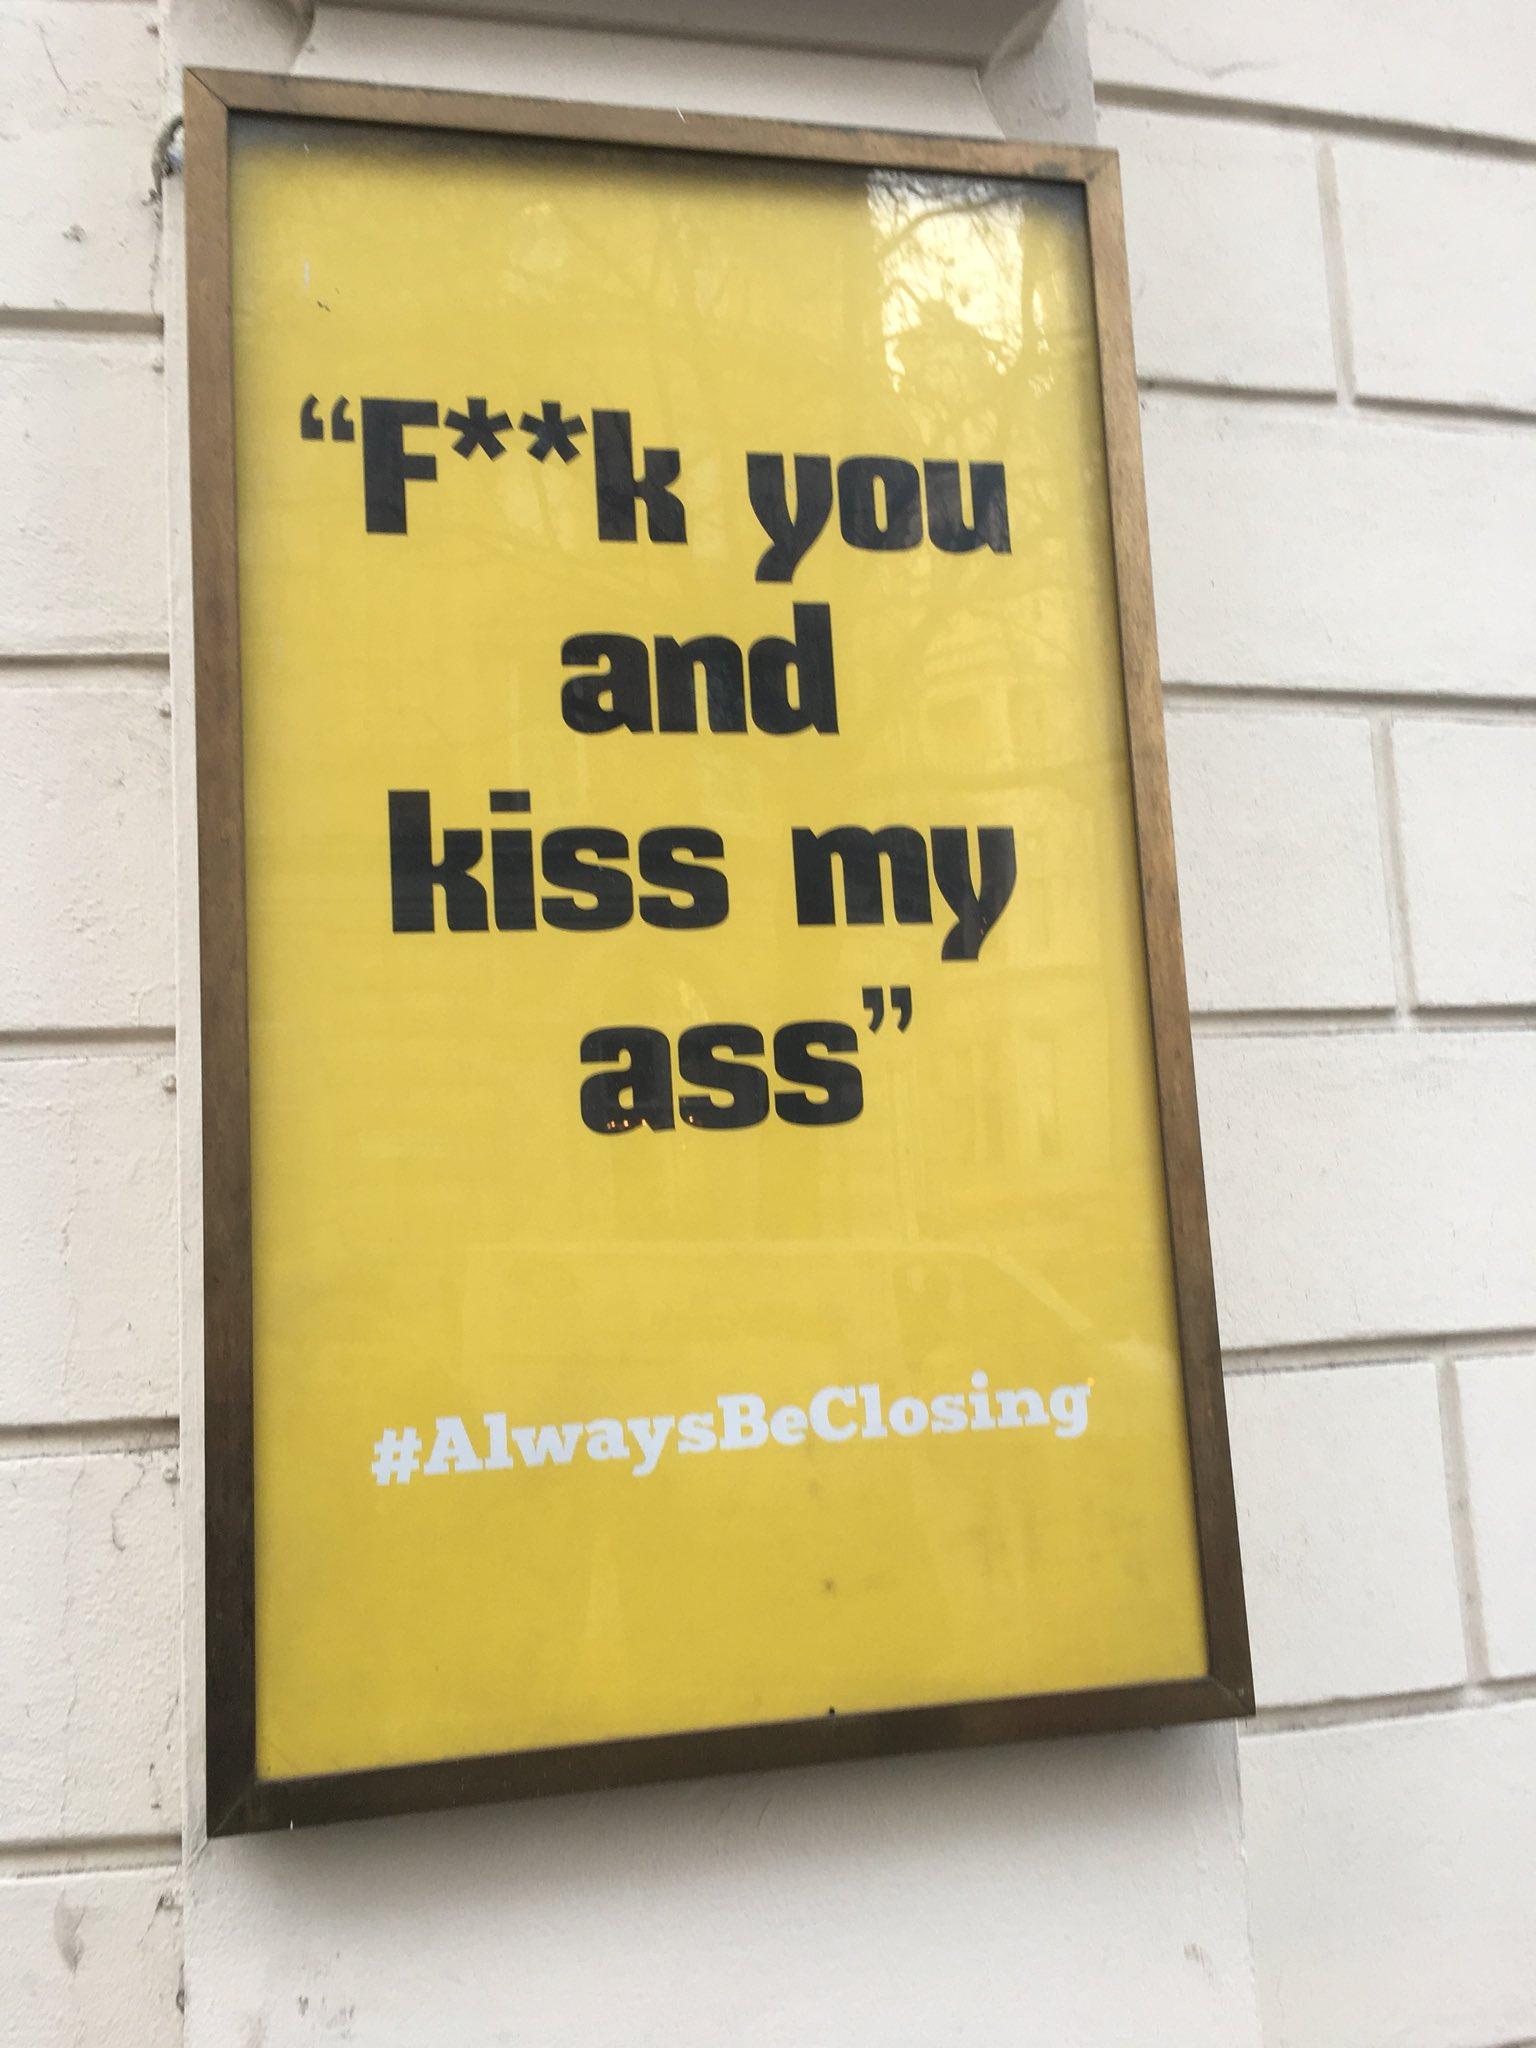 'Glengarry Glen Ross' sounds like my kinda play! https://t.co/TBpsSQSQak